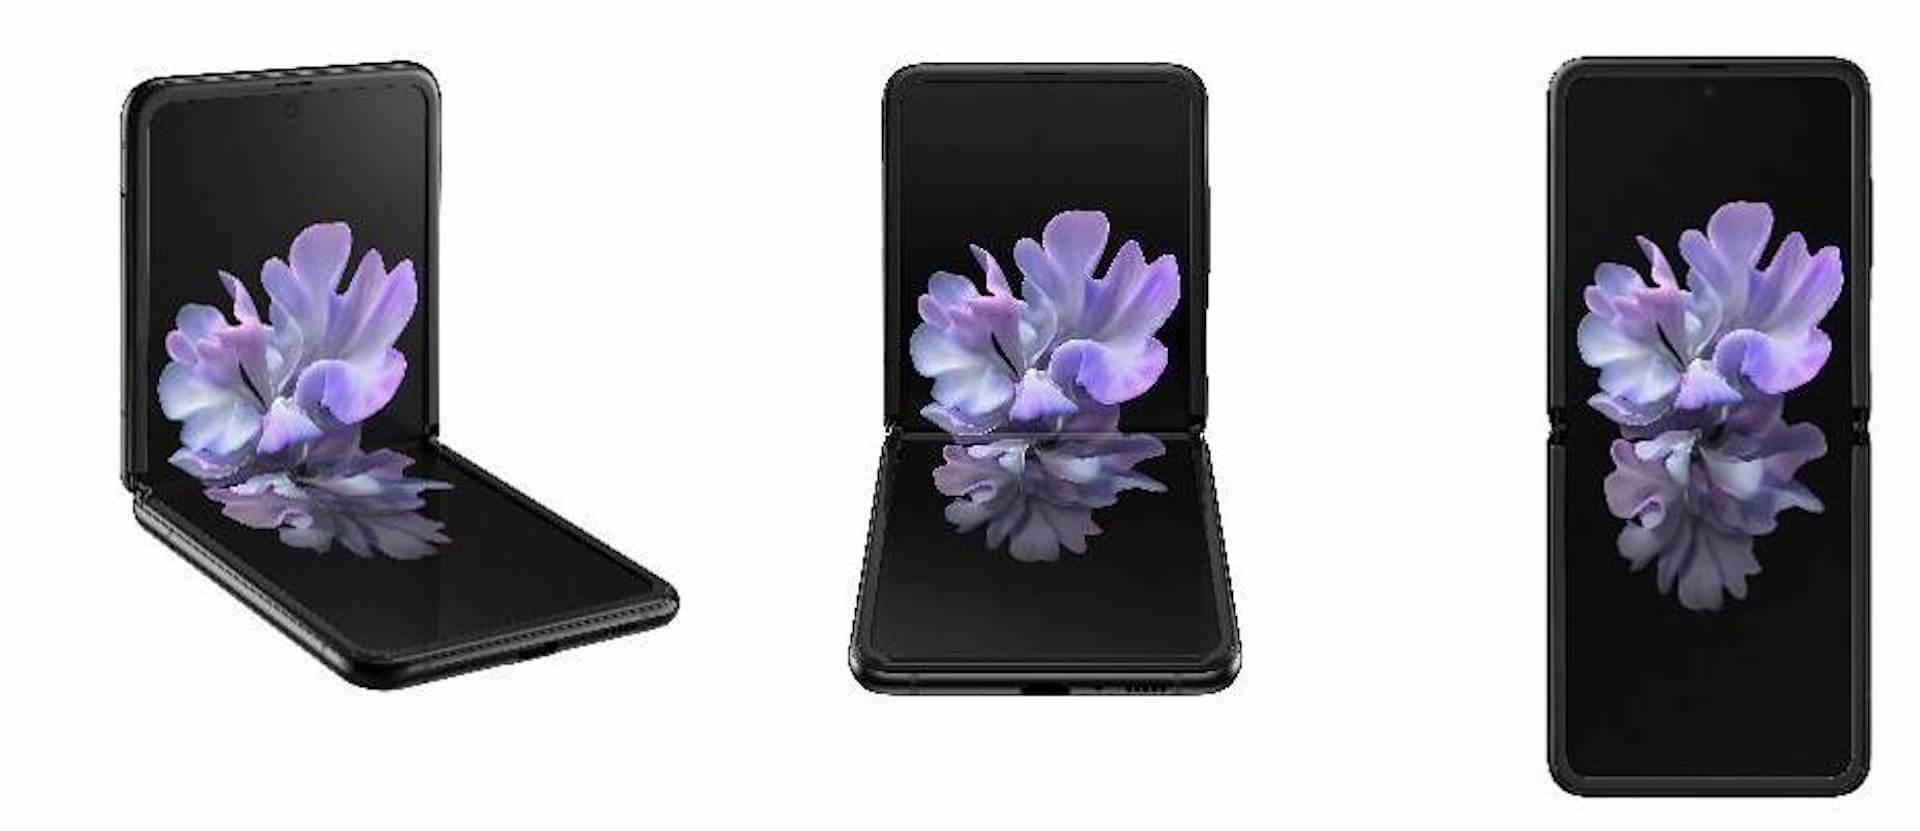 auから発売が決定!Samsungの縦折りスマホ「Galaxy Z Flip」の魅力を紹介! tech200212_galaxy_zflip_4